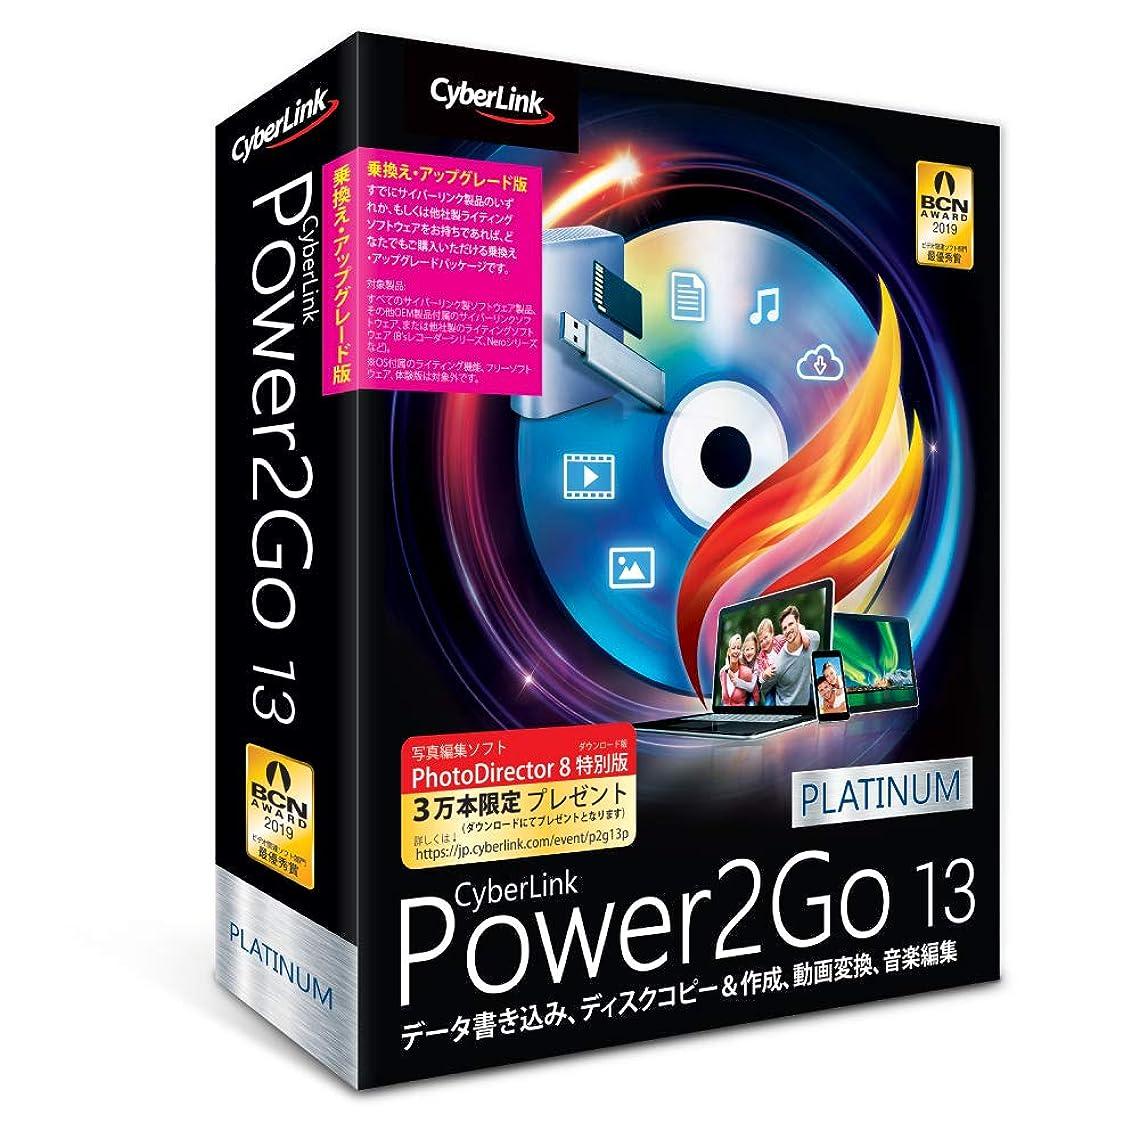 単調な失態想像力豊かなサイバーリンク Power2Go 13 Platinum 乗換え?アップグレード版/ディスク書き込み/オーサリング/メディア変換/バックアップ